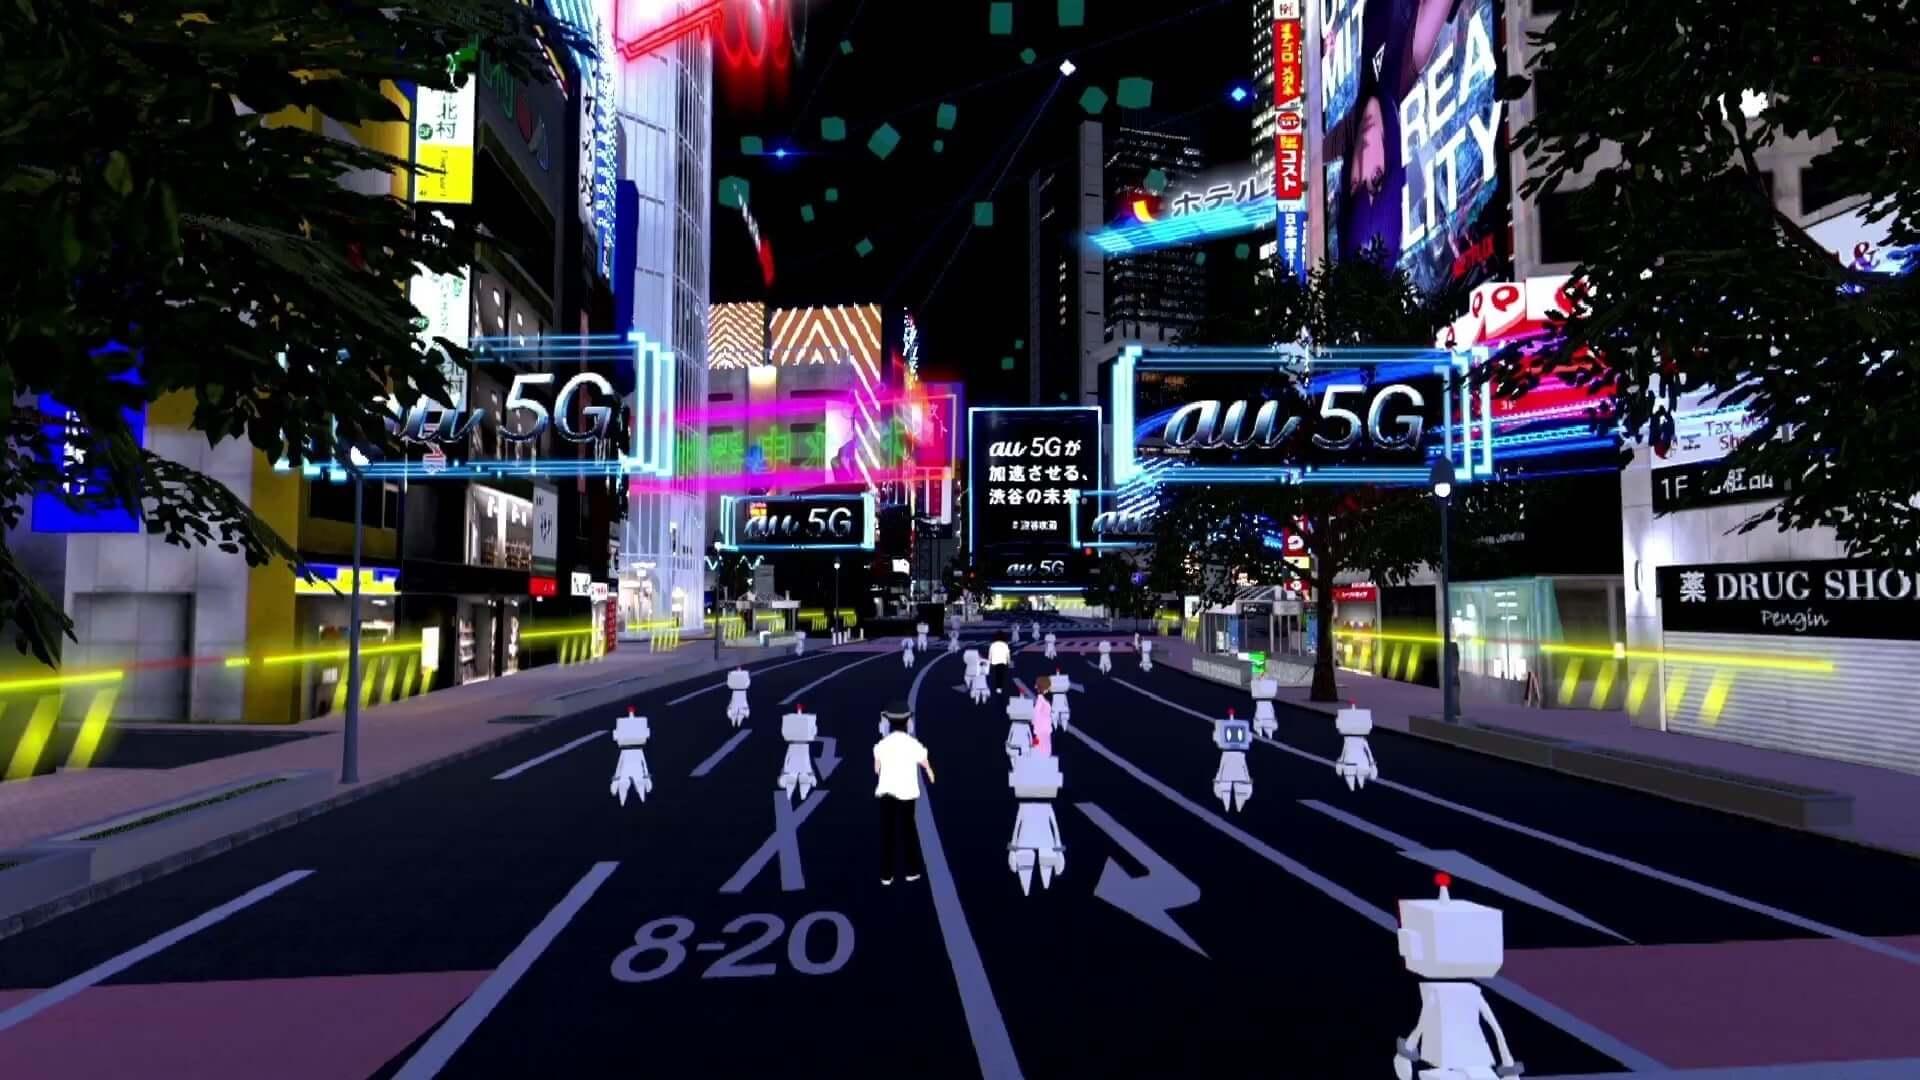 「バーチャル渋谷」で開催された<#渋谷攻殻NIGHT by au5G>の映像が公開|宇川直宏、若槻千夏、セカオワ・DJ LOVEら登場 art200520_shibuya5g_project_8-1920x1080